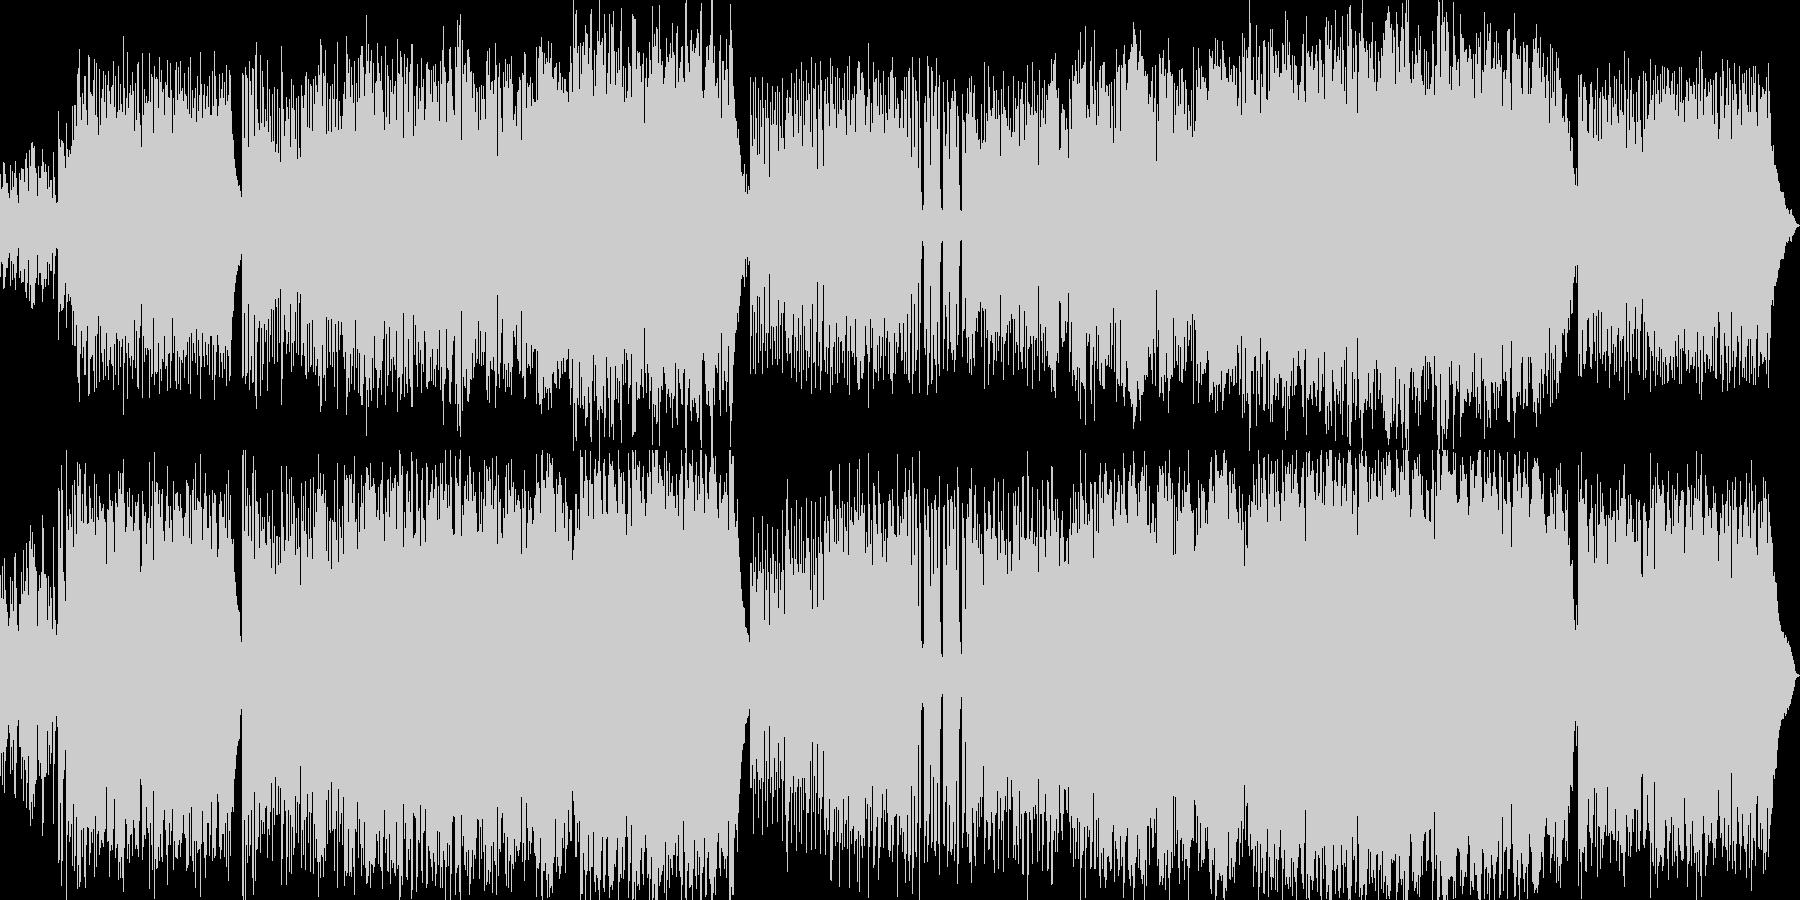 ピアノ・鍵盤ロックで疾走感のある楽曲の未再生の波形